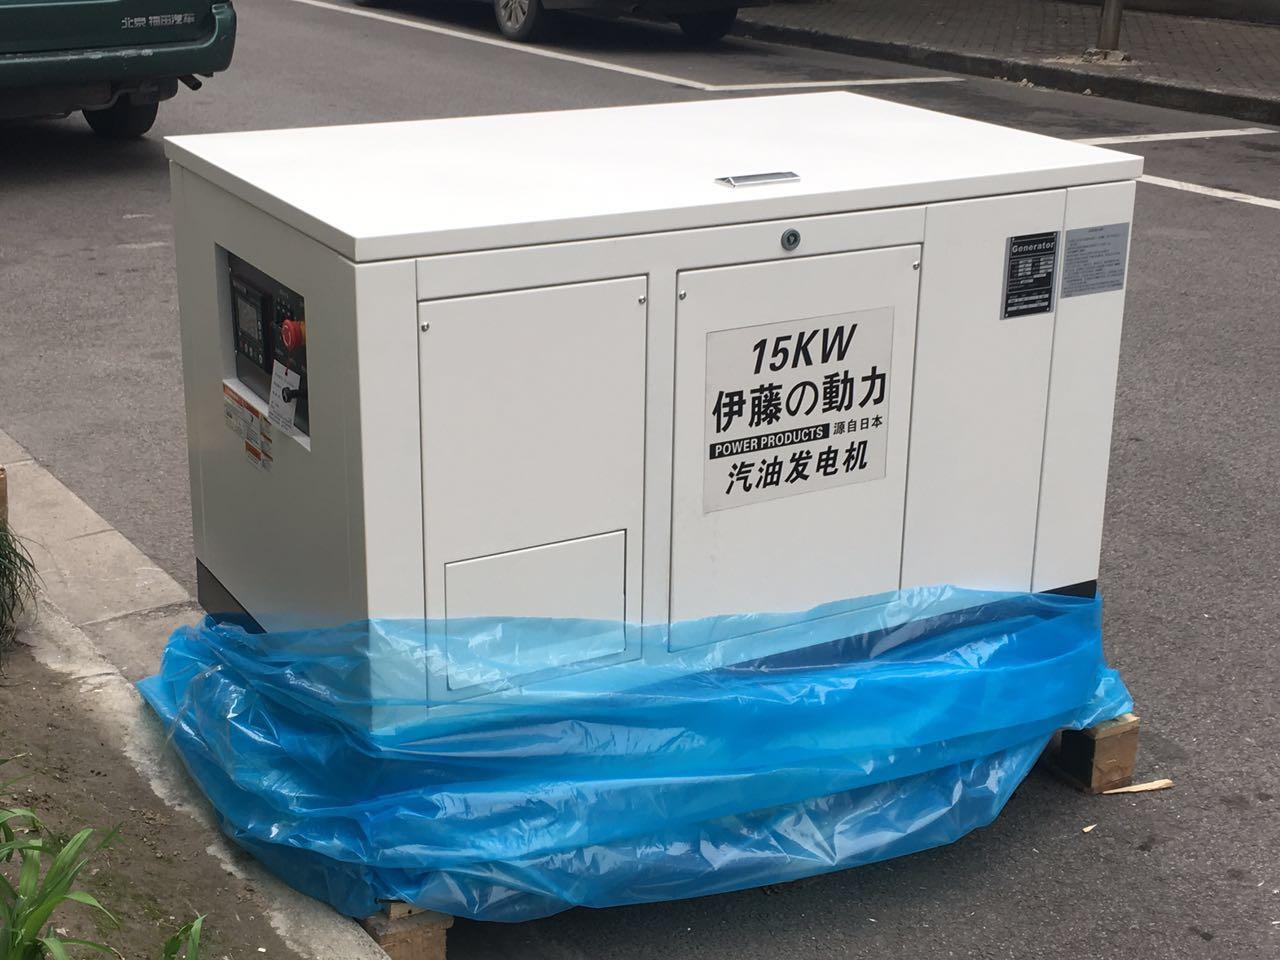 应急电源15KW汽油发电机参数规格